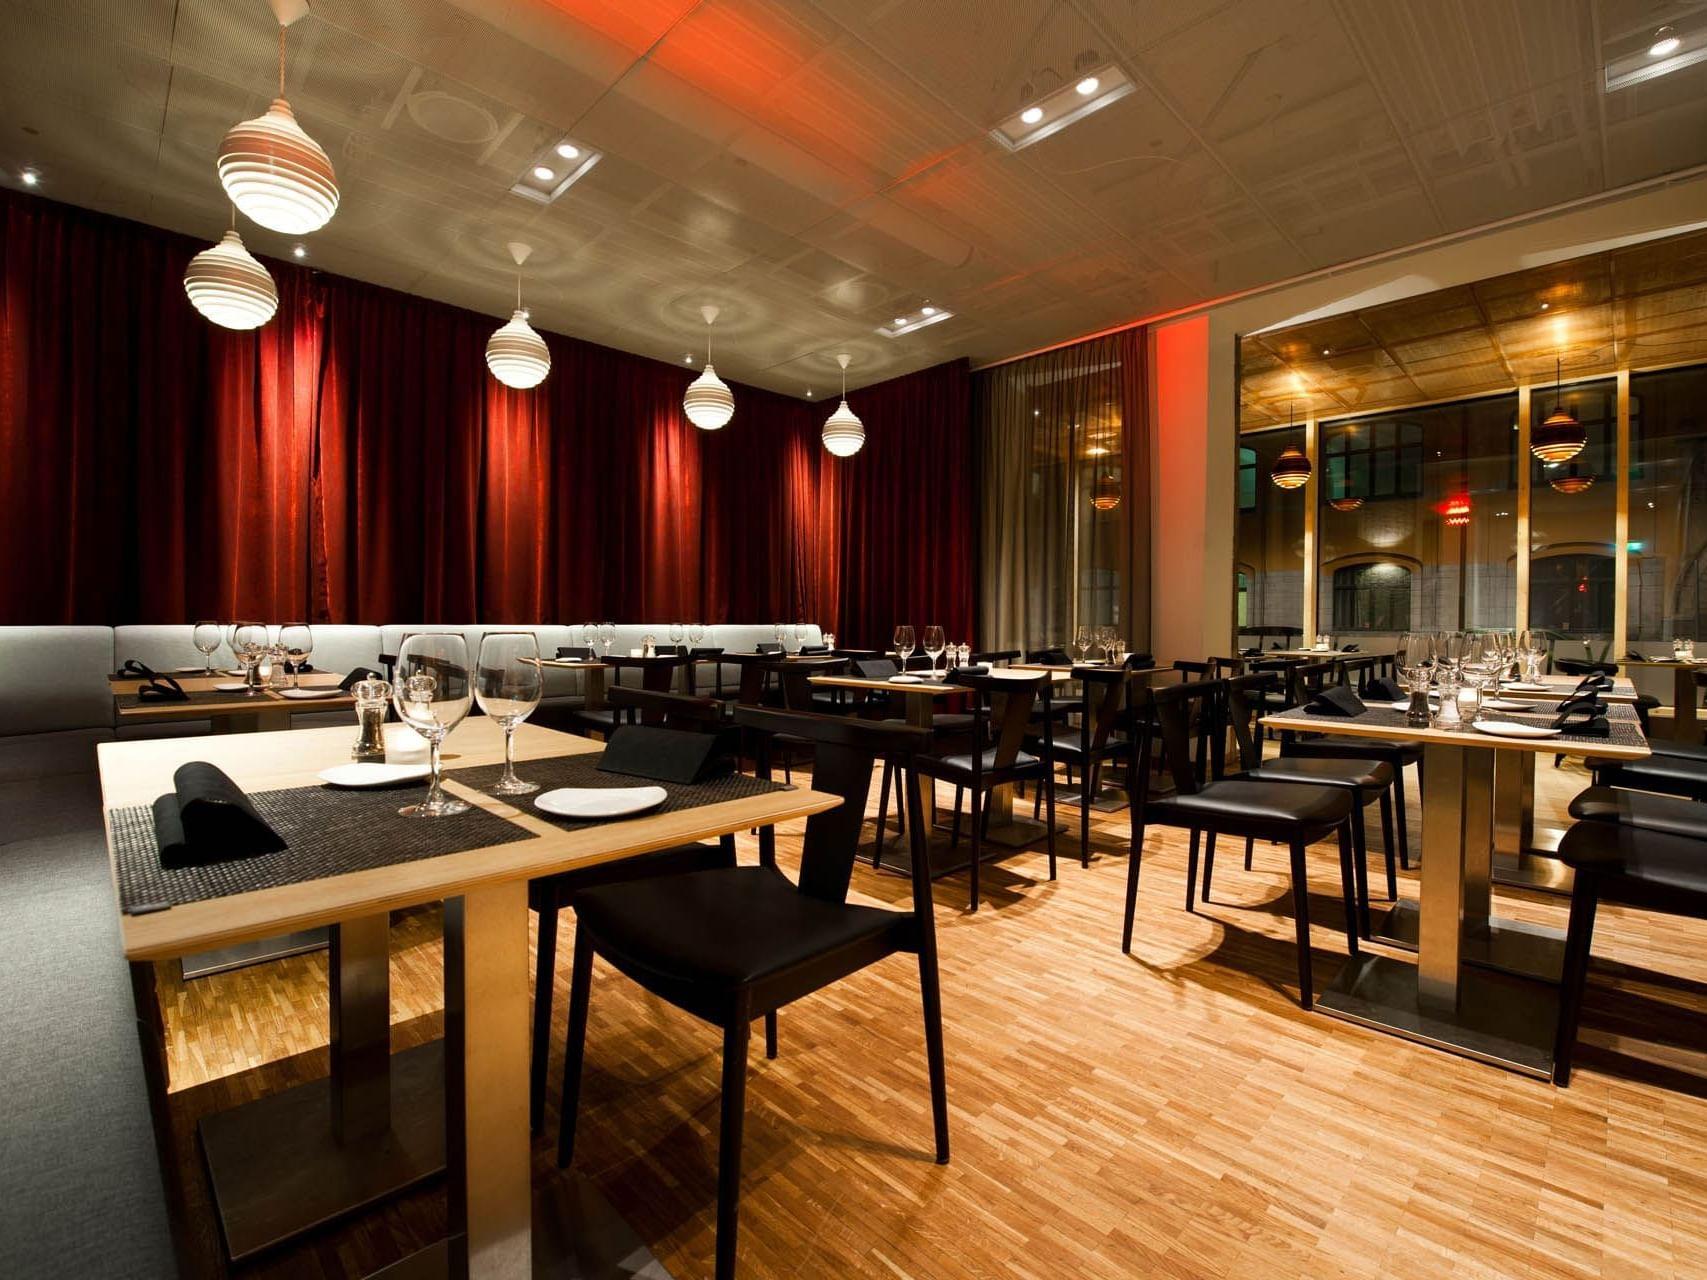 Dinner at Hotel Birger Jarl in Stockholm, Sweden